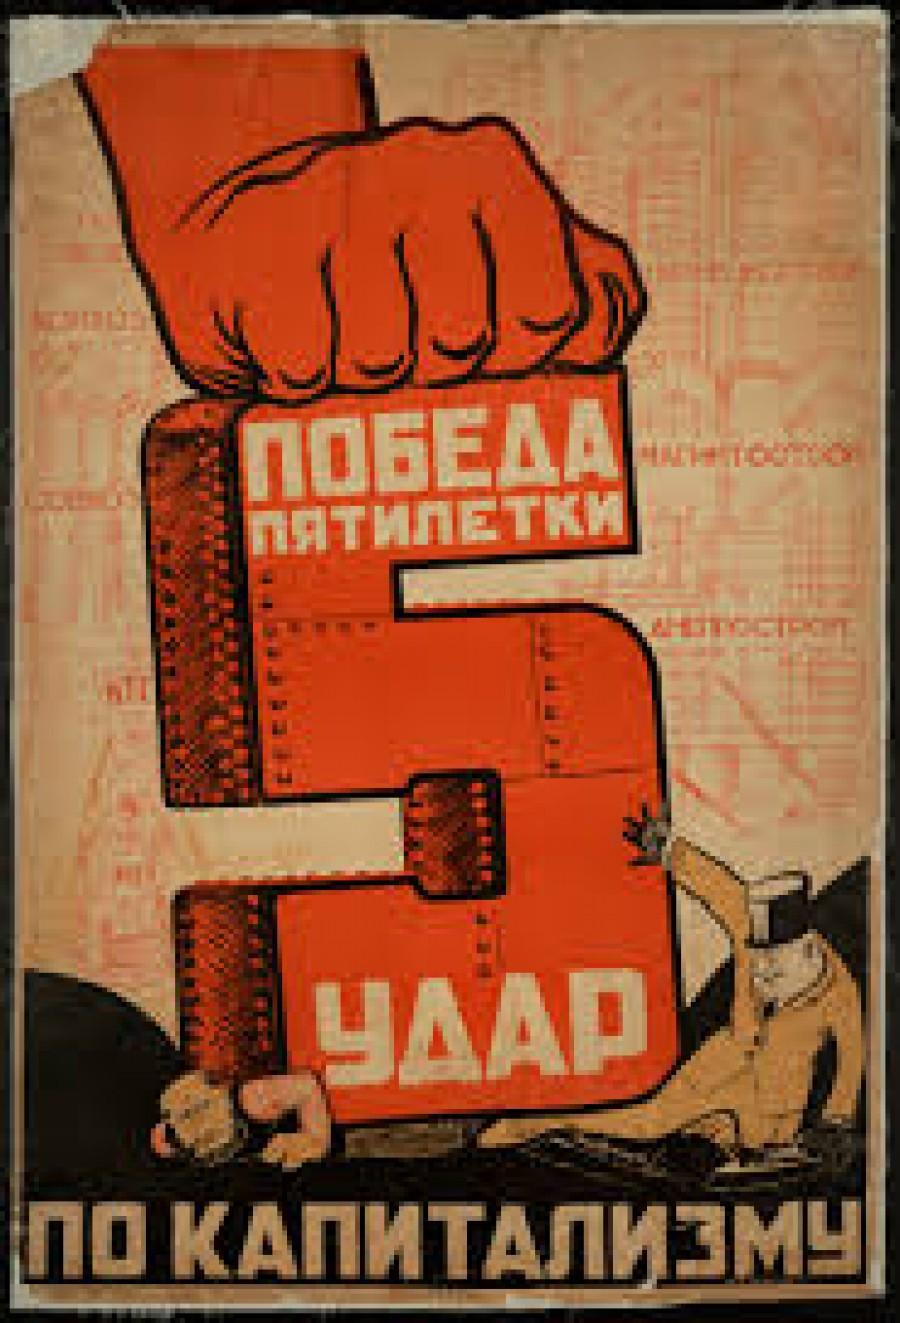 Vítězství pětiletky - pohroma kapitalismu!